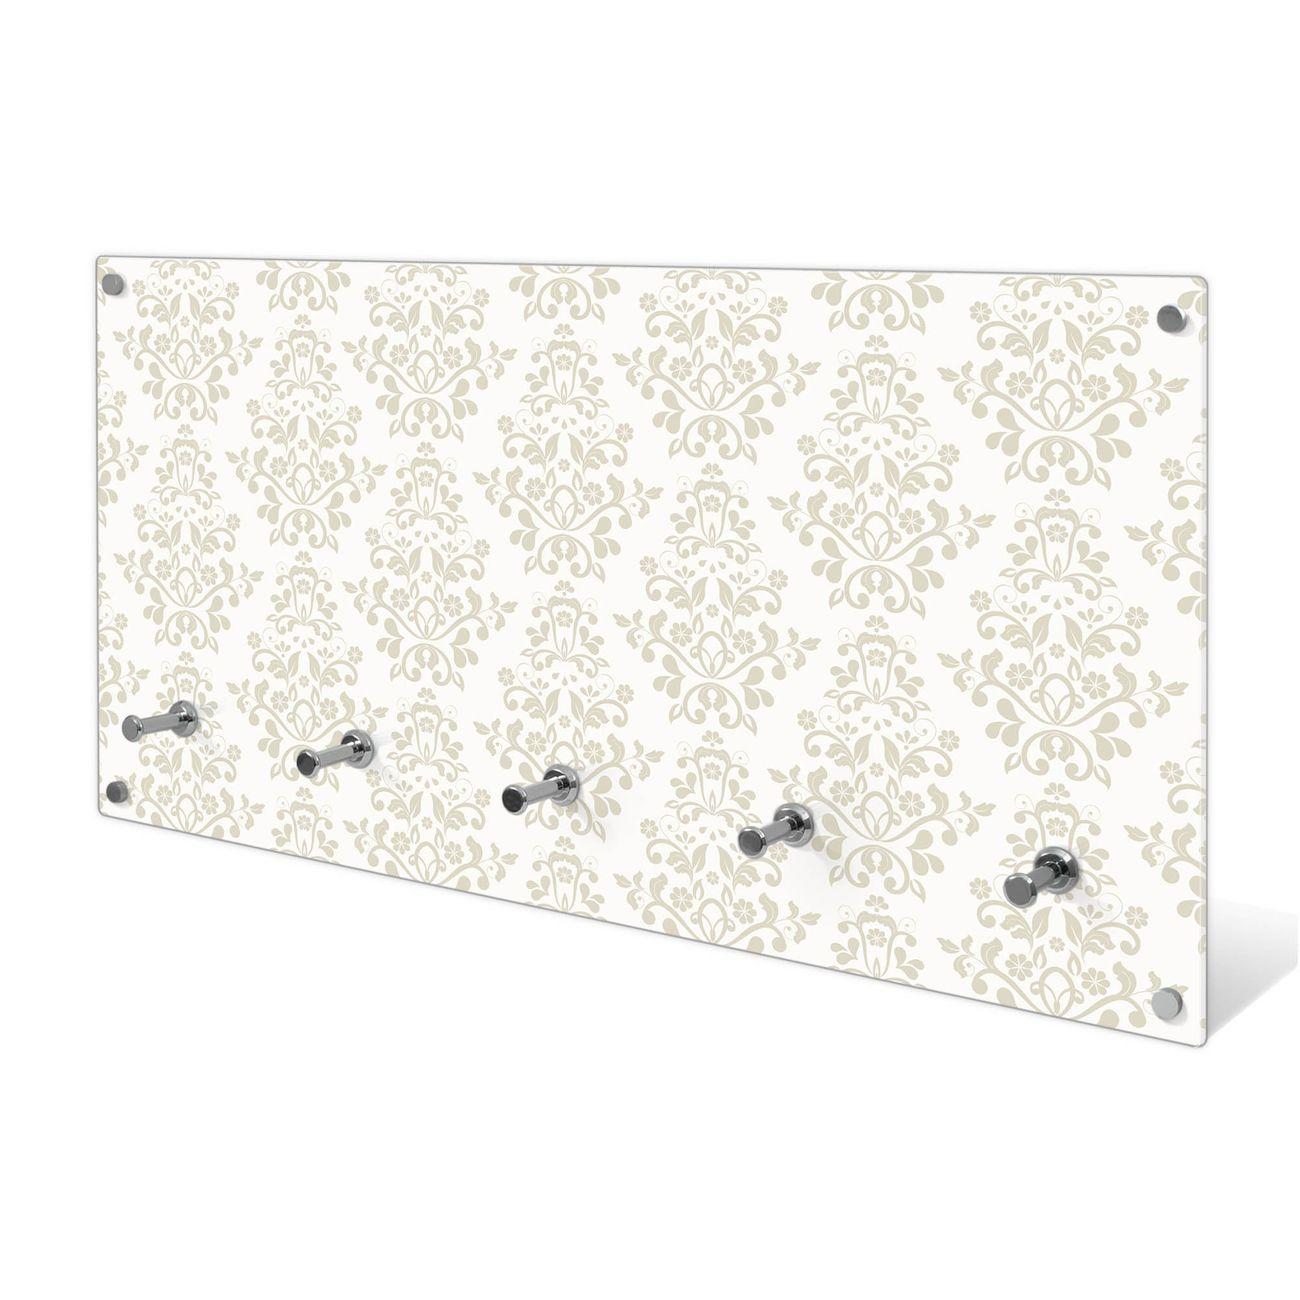 Garderobe aus Glas Motiv Tapete Weiß